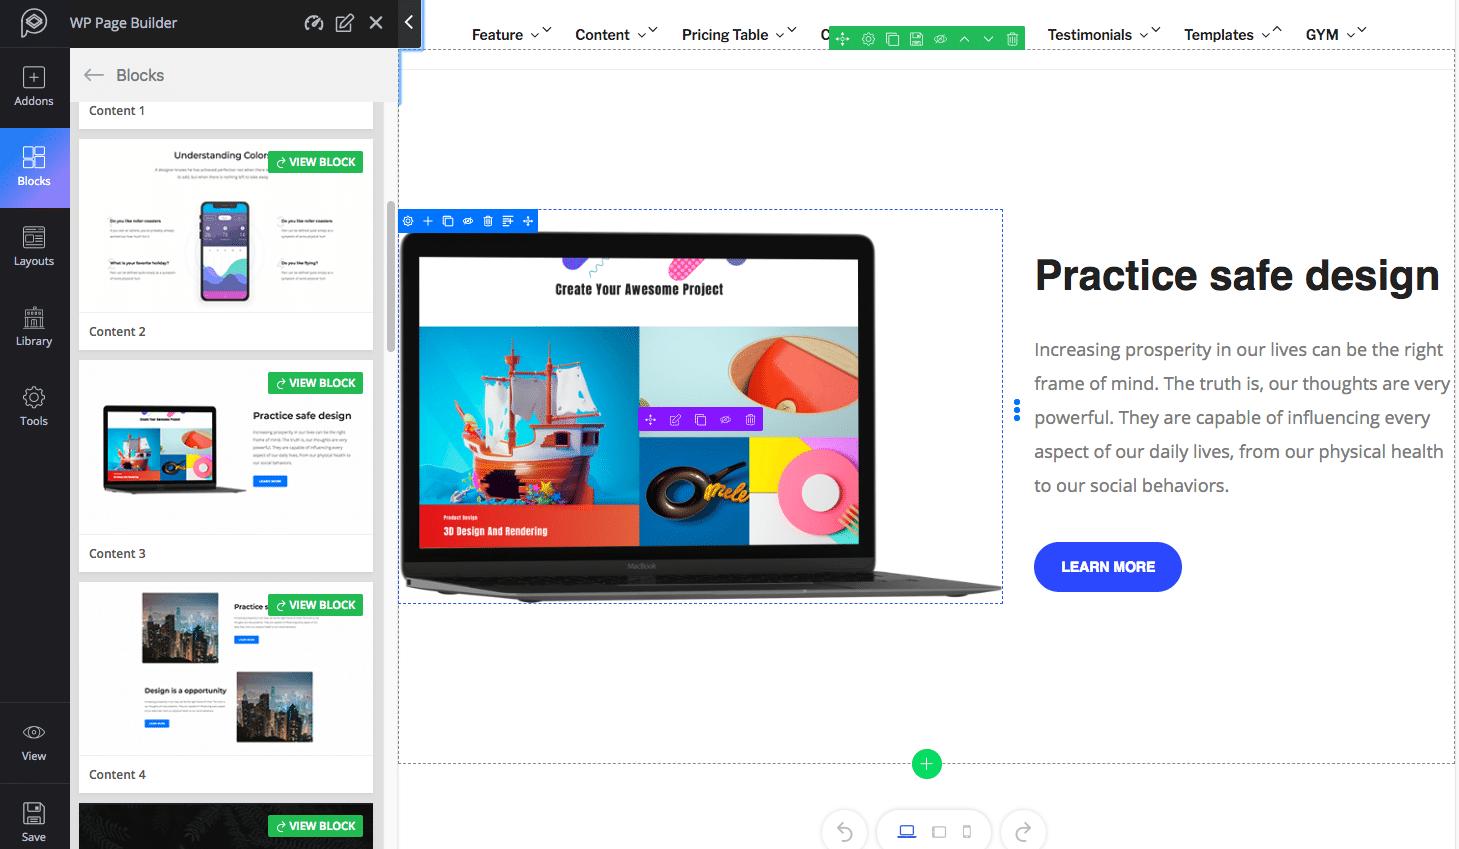 Blocs Content WP Page Builder